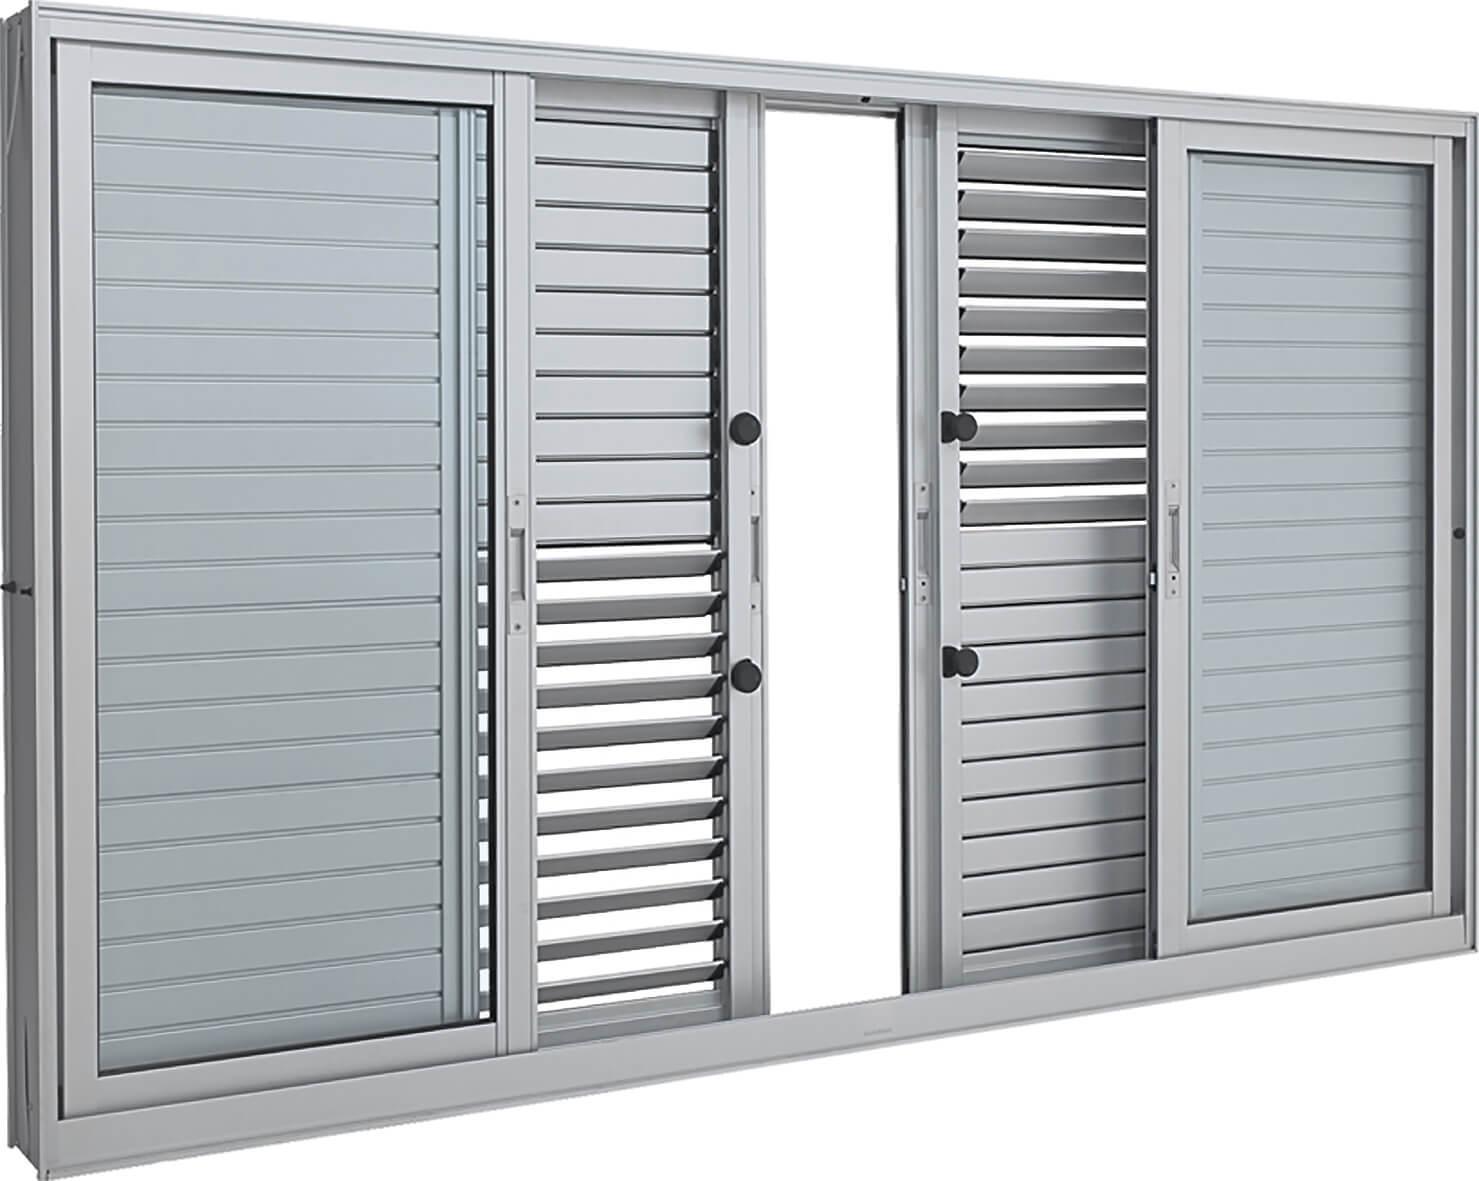 Aluminium Veneziana Multiflex - 1.20x1.50x0.14 Ref. 70.04.603-2 Sasazaki